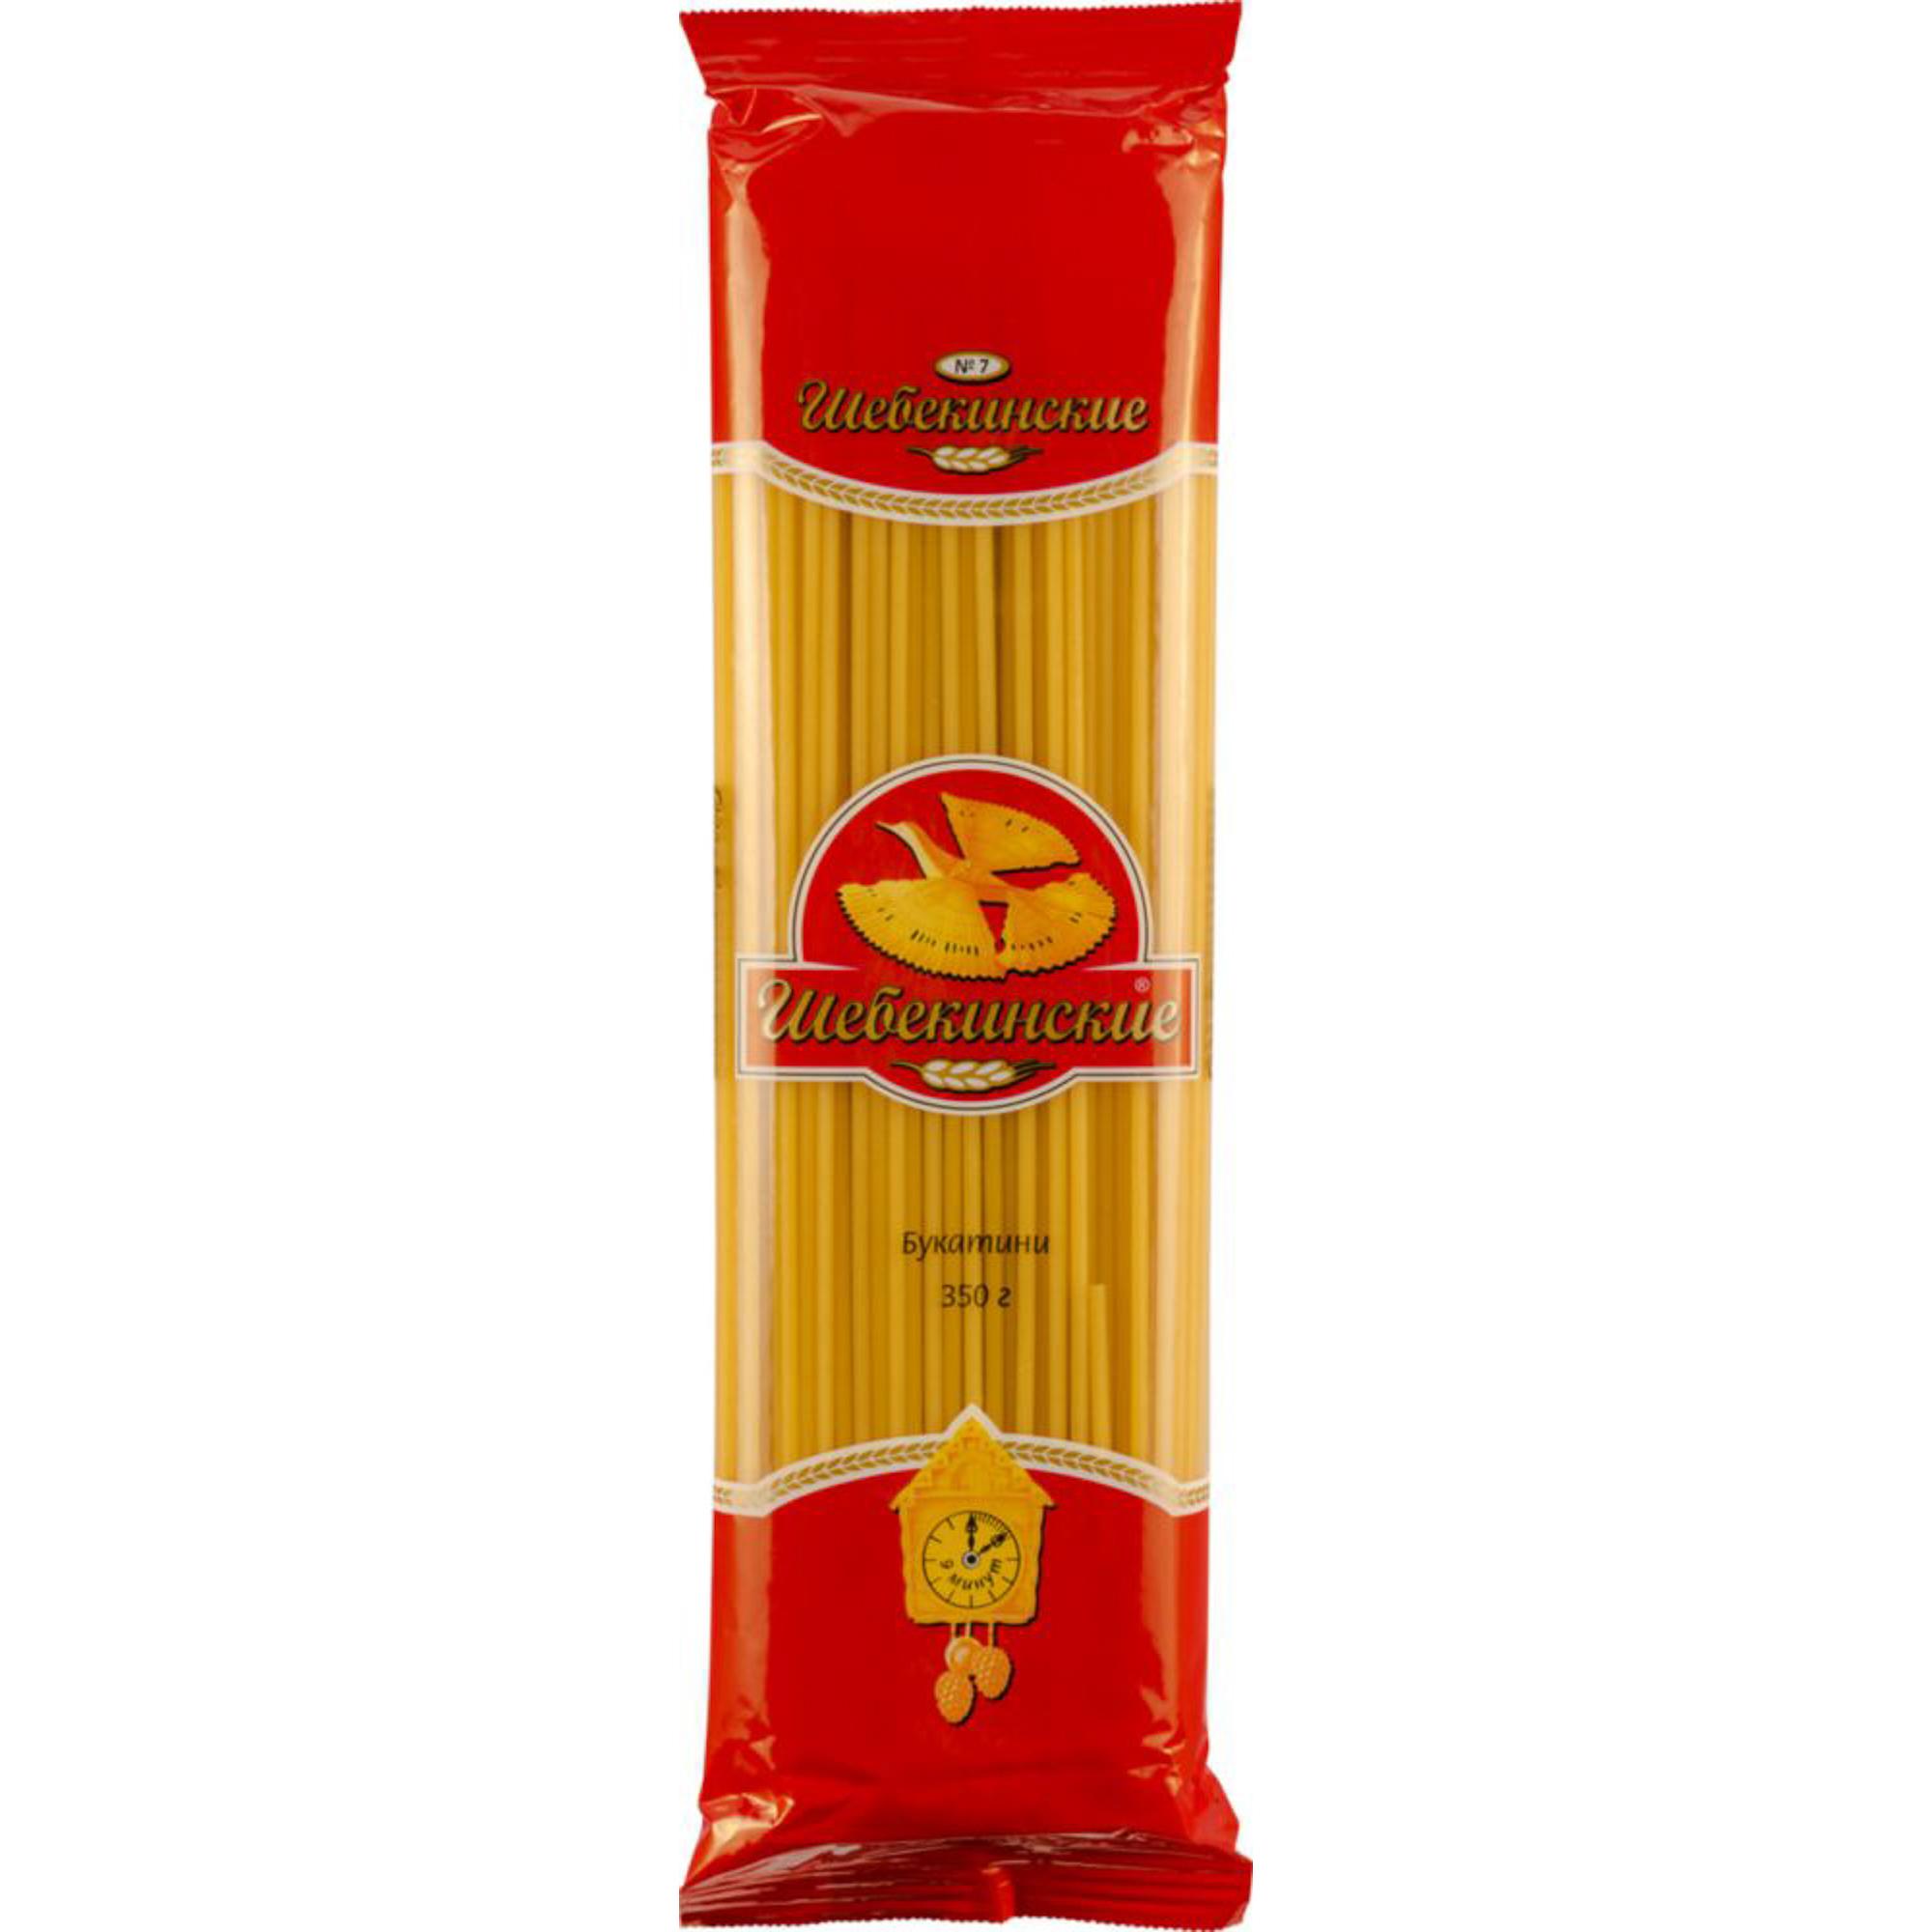 Макаронные изделия Шебекенские №7 Букатини 350 г макаронные изделия barilla букатини 9 400 г